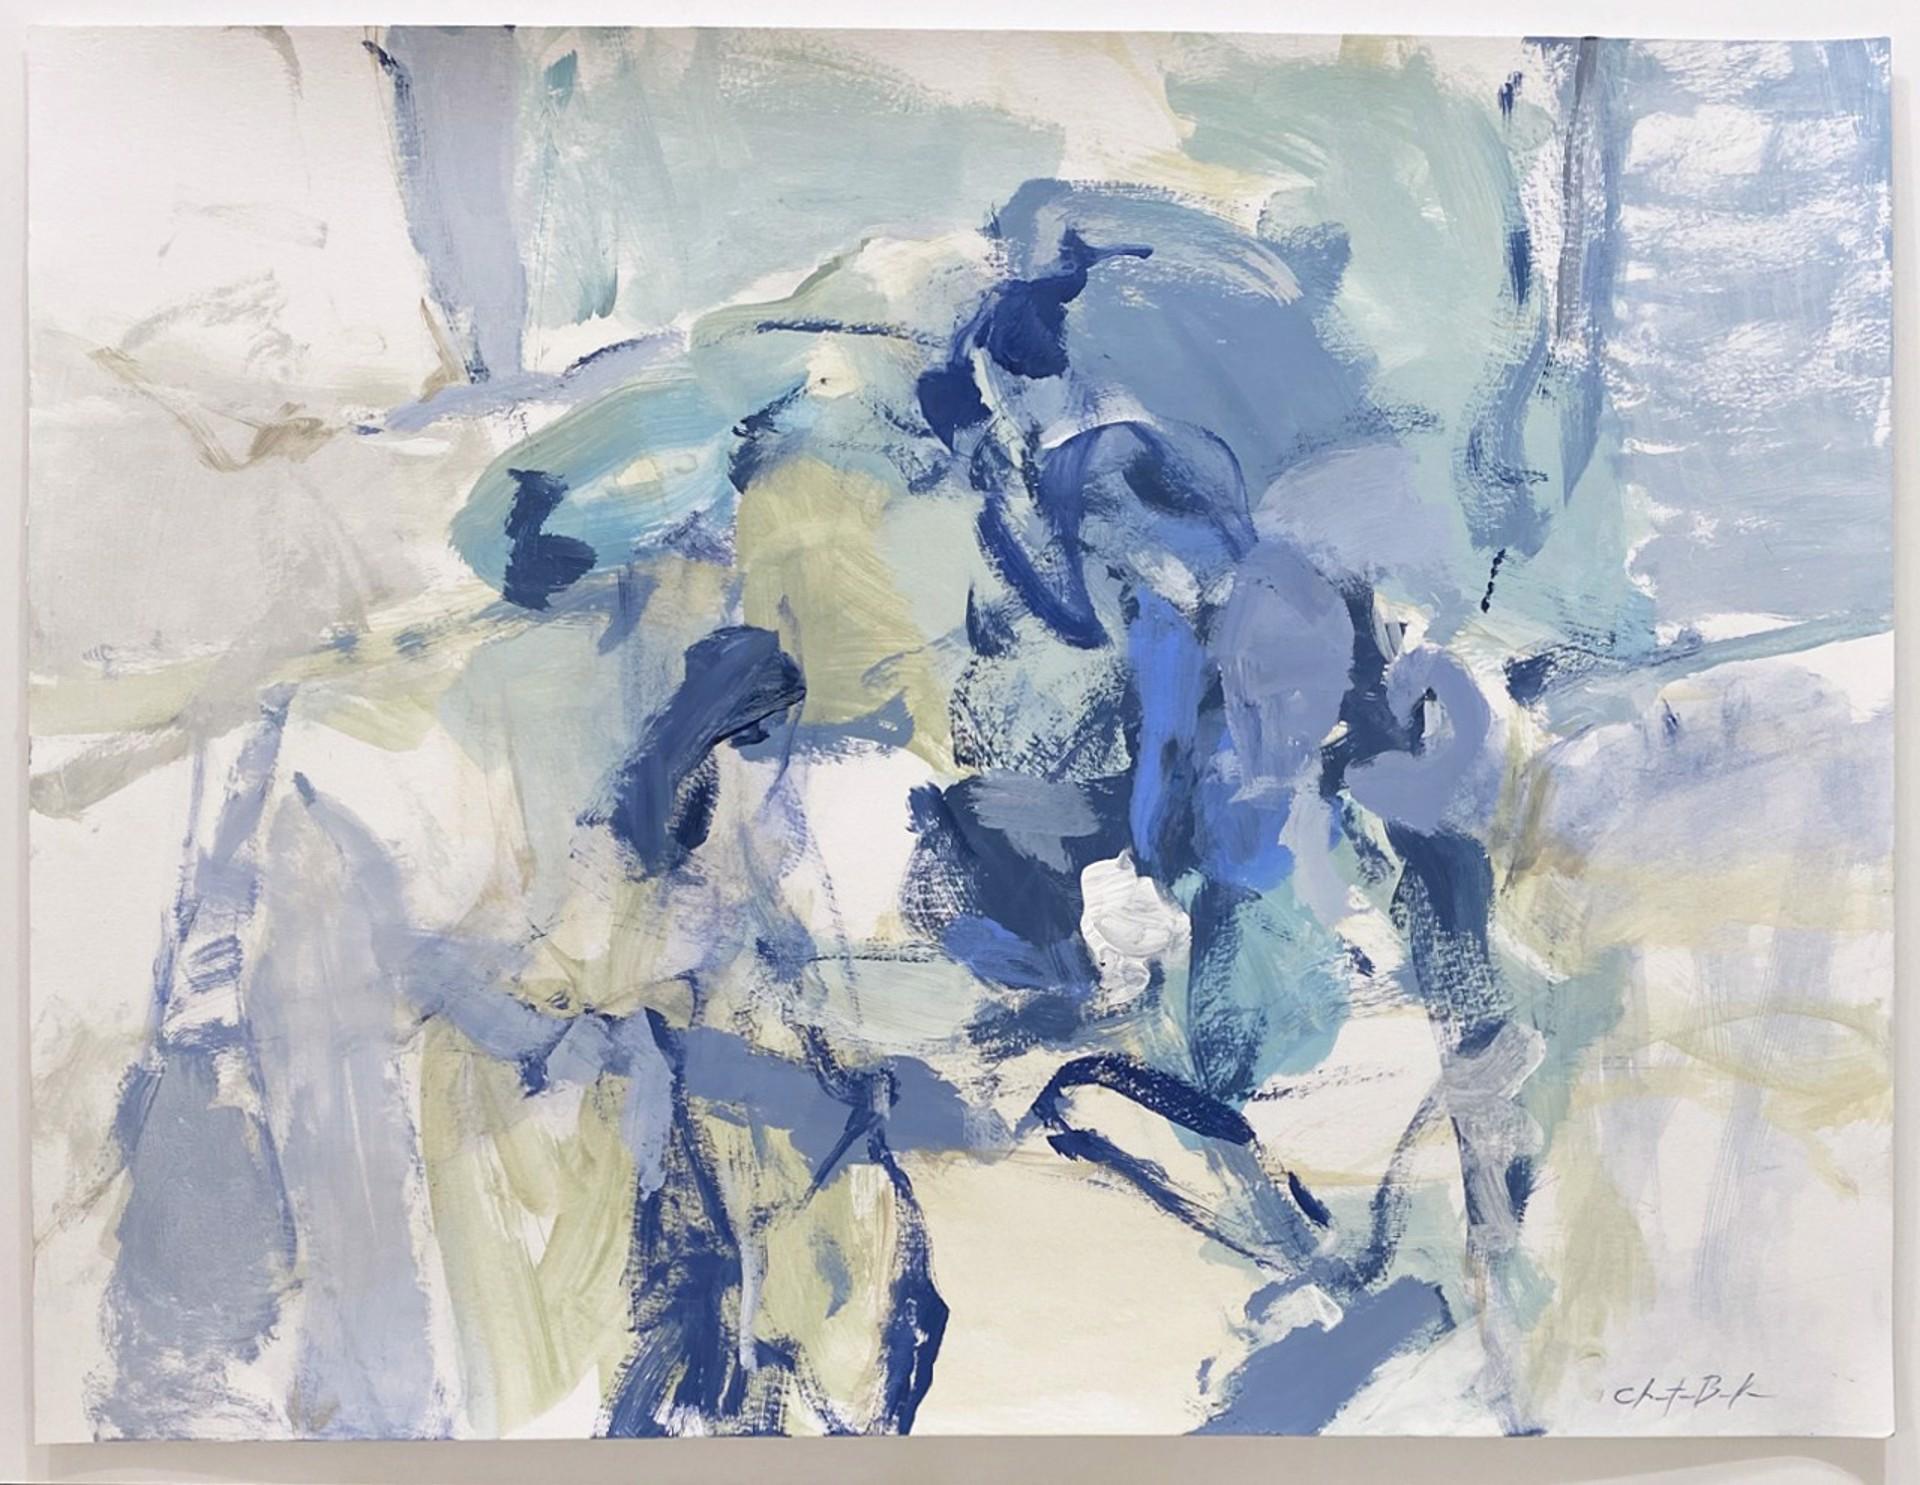 Monday Blues by Christina Baker